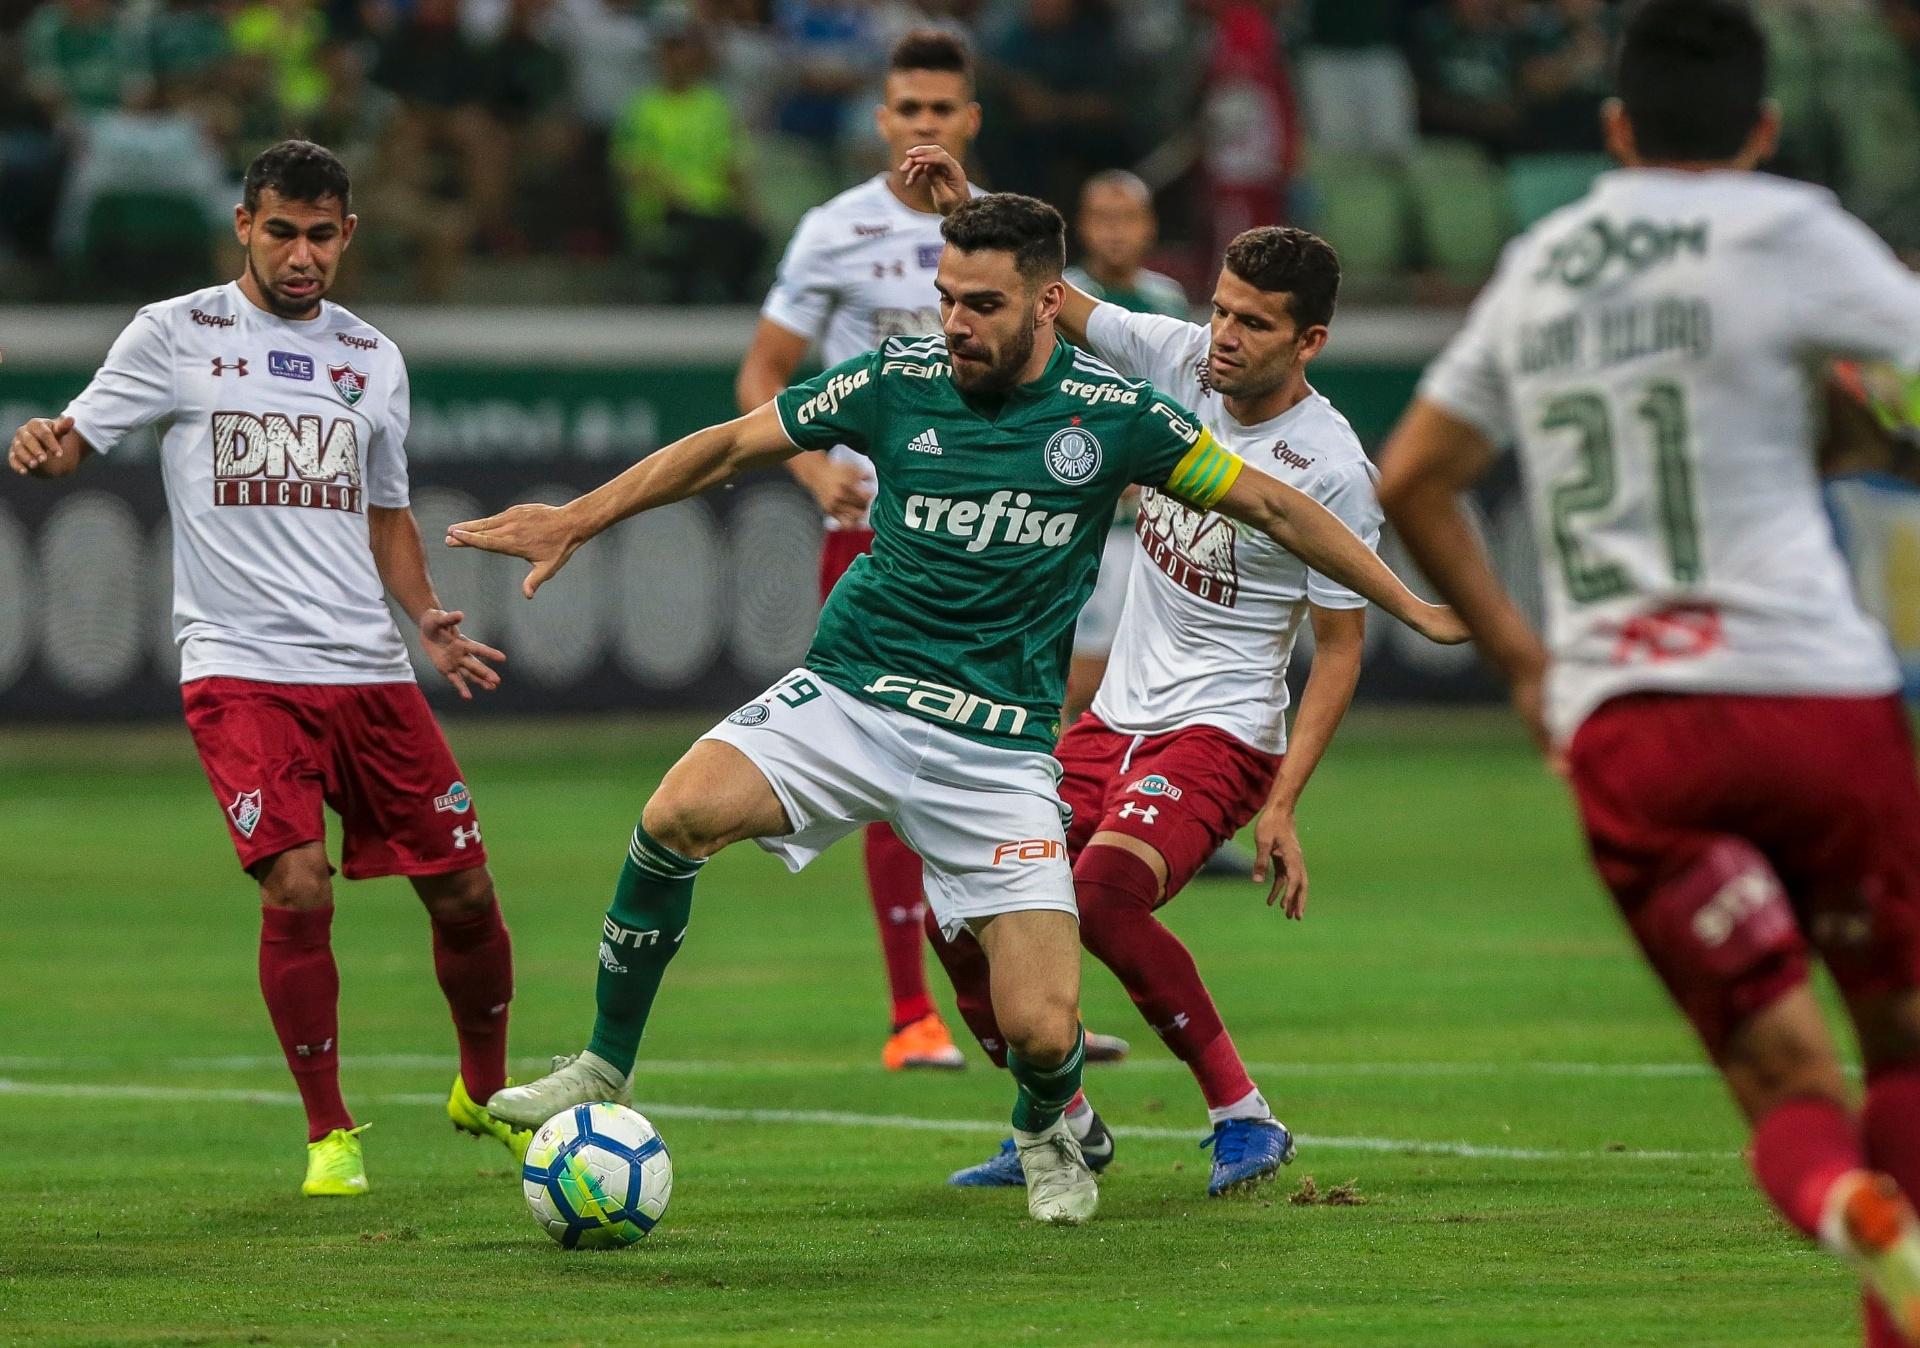 1e368adeb3 Palmeiras pode perder Bruno Henrique para chineses dispostos a pagar multa  - Esporte - BOL